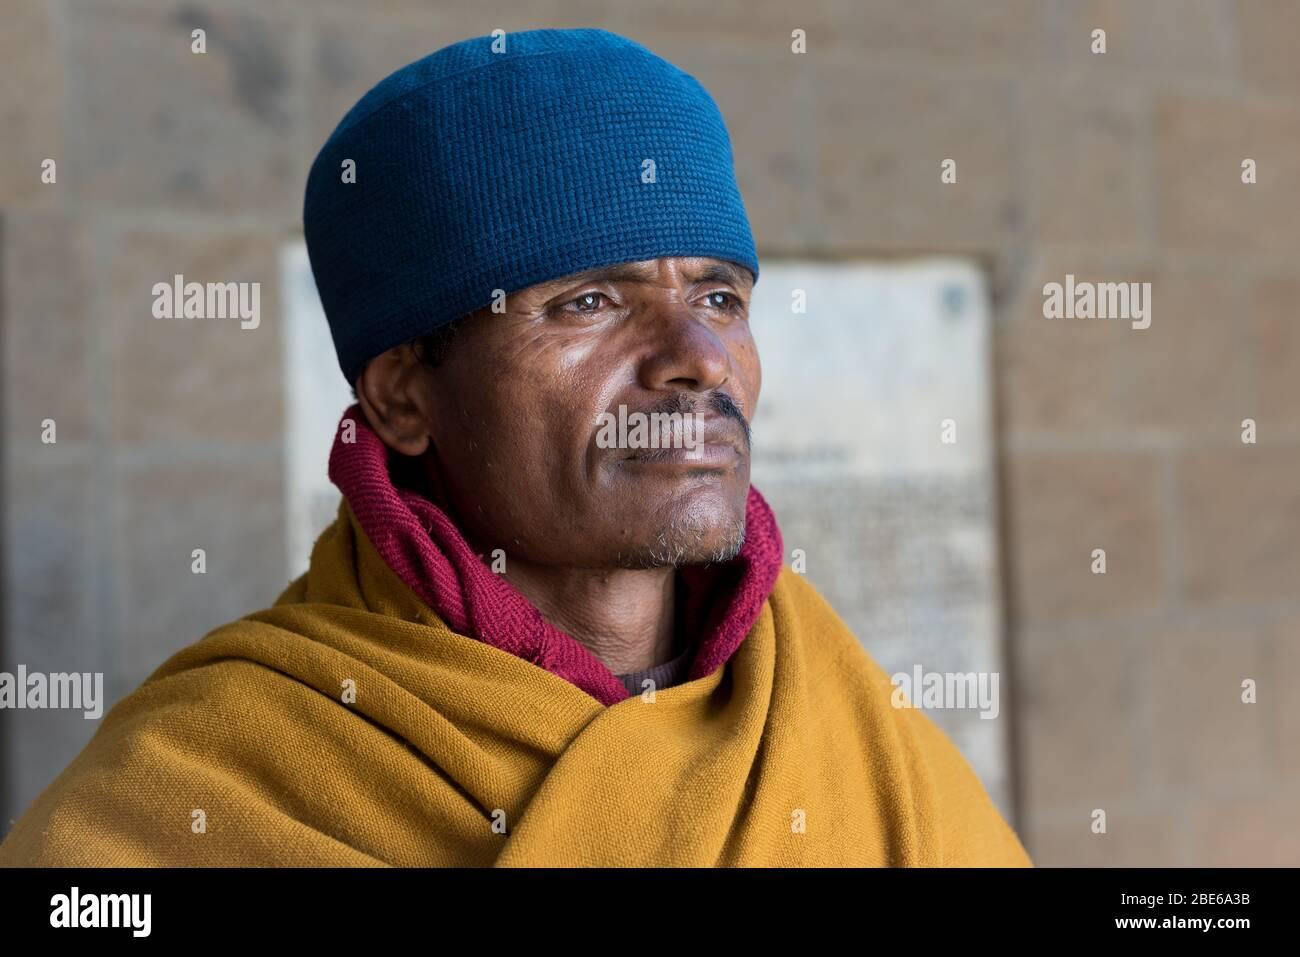 ABA Habteghiorgis moine de la tête du monastère, une église orthodoxe éthiopienne Tewahedo moine, Debre Libanose Monastère, Ethiopie, Afrique. Banque D'Images